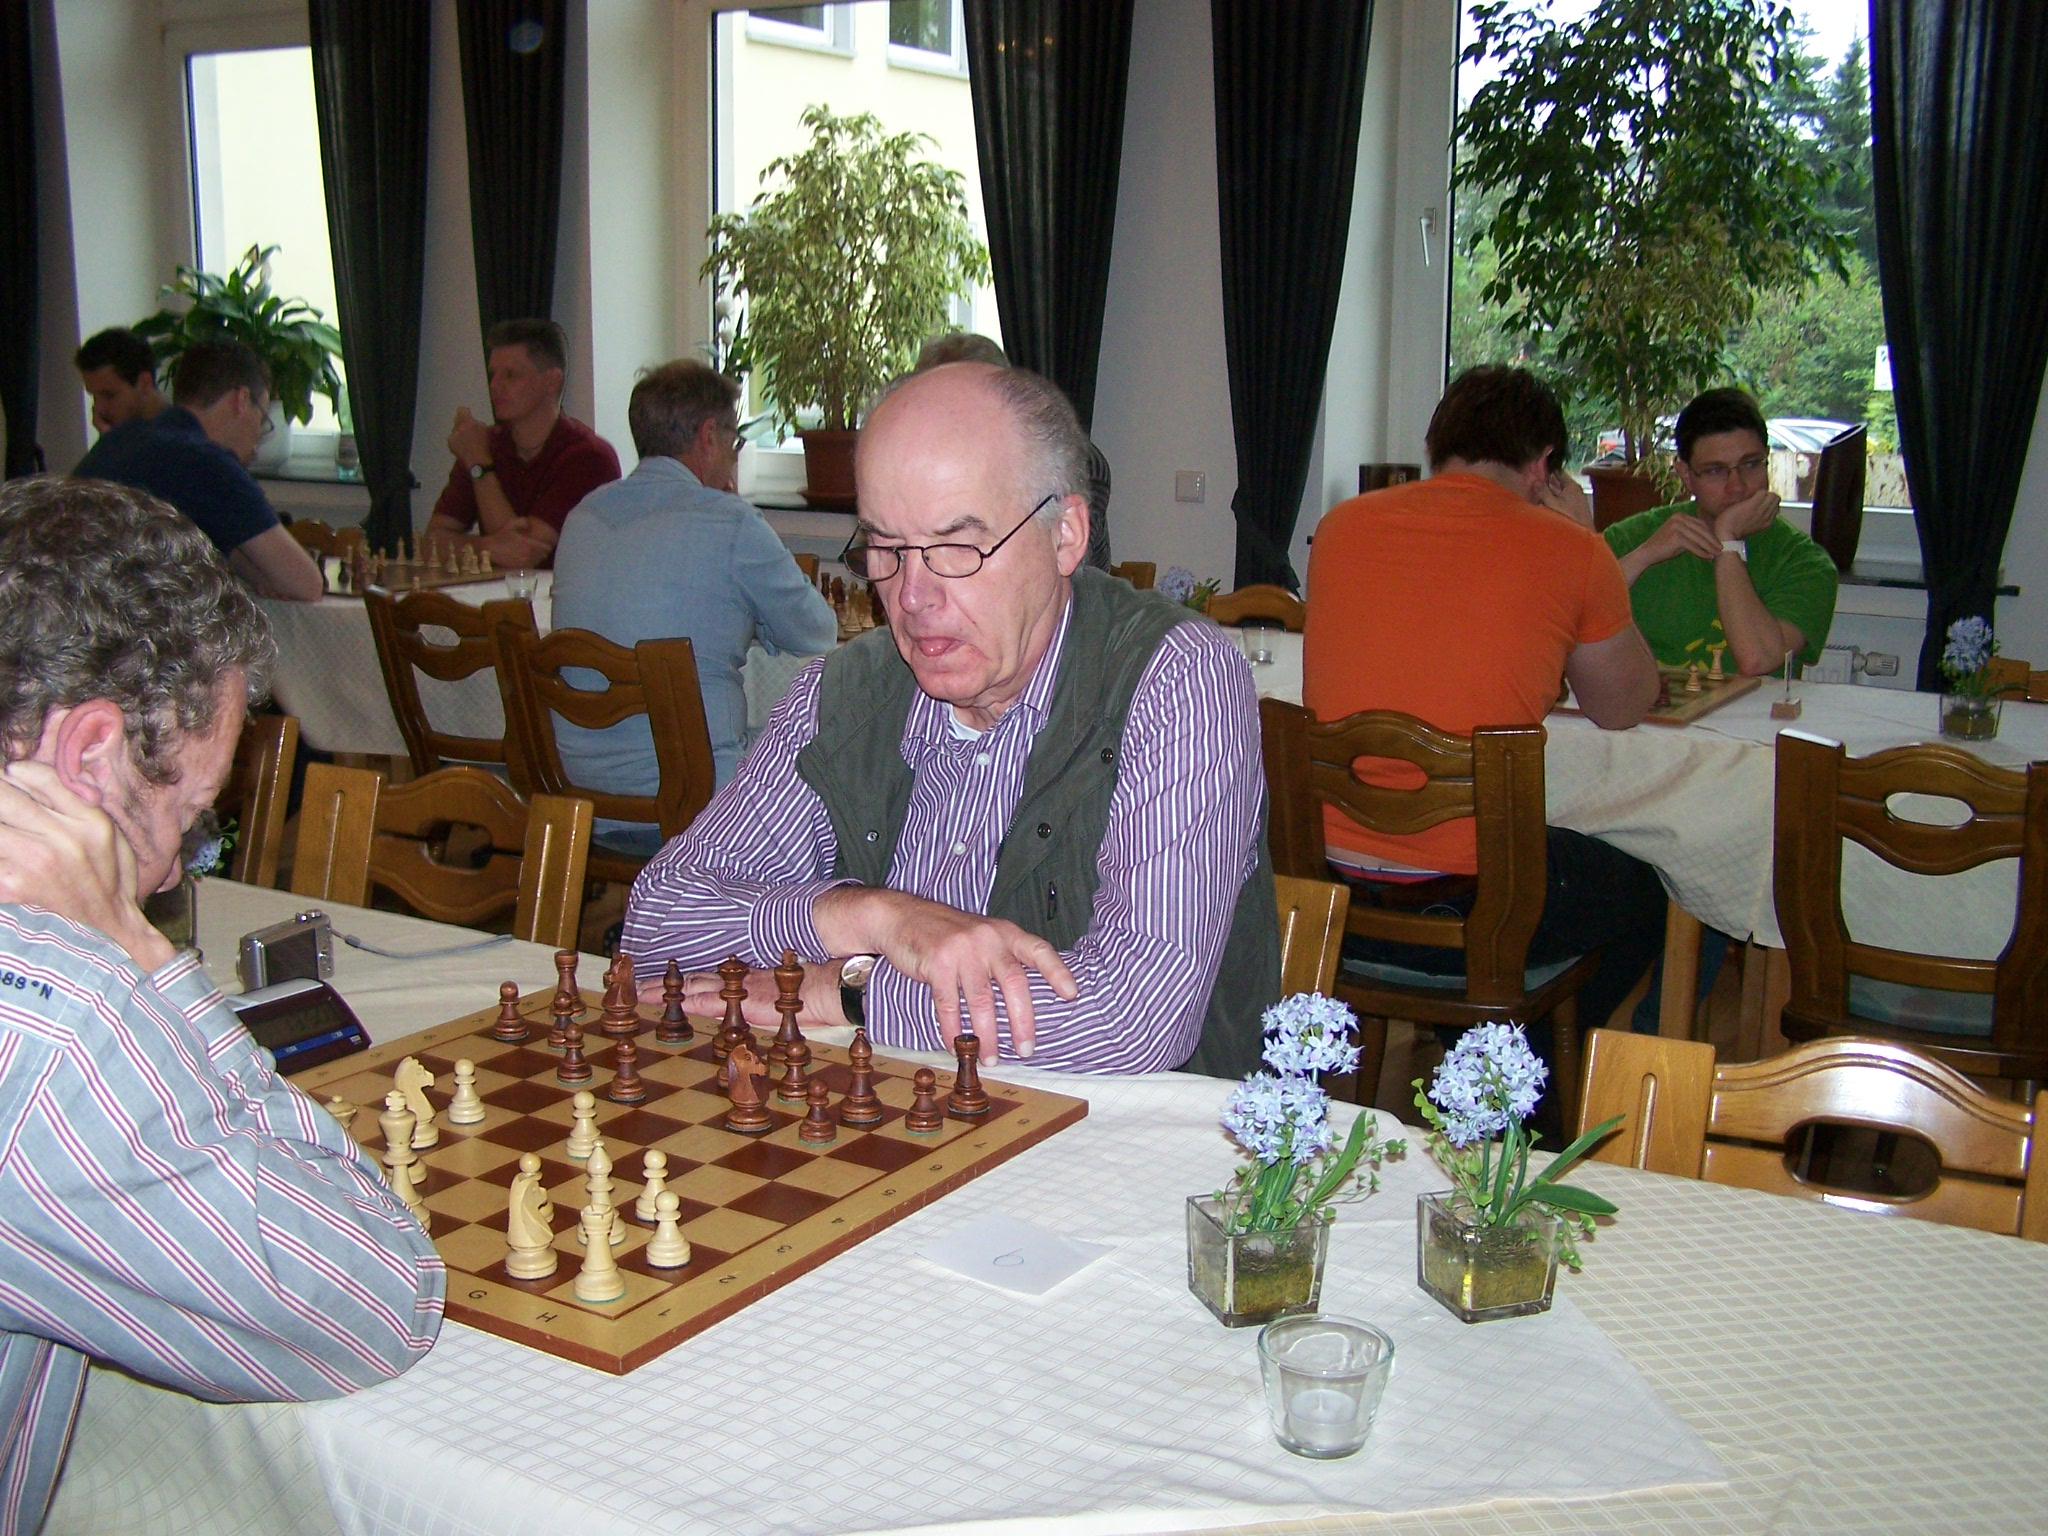 Thijs van Hoek - Hans-Werner Lange